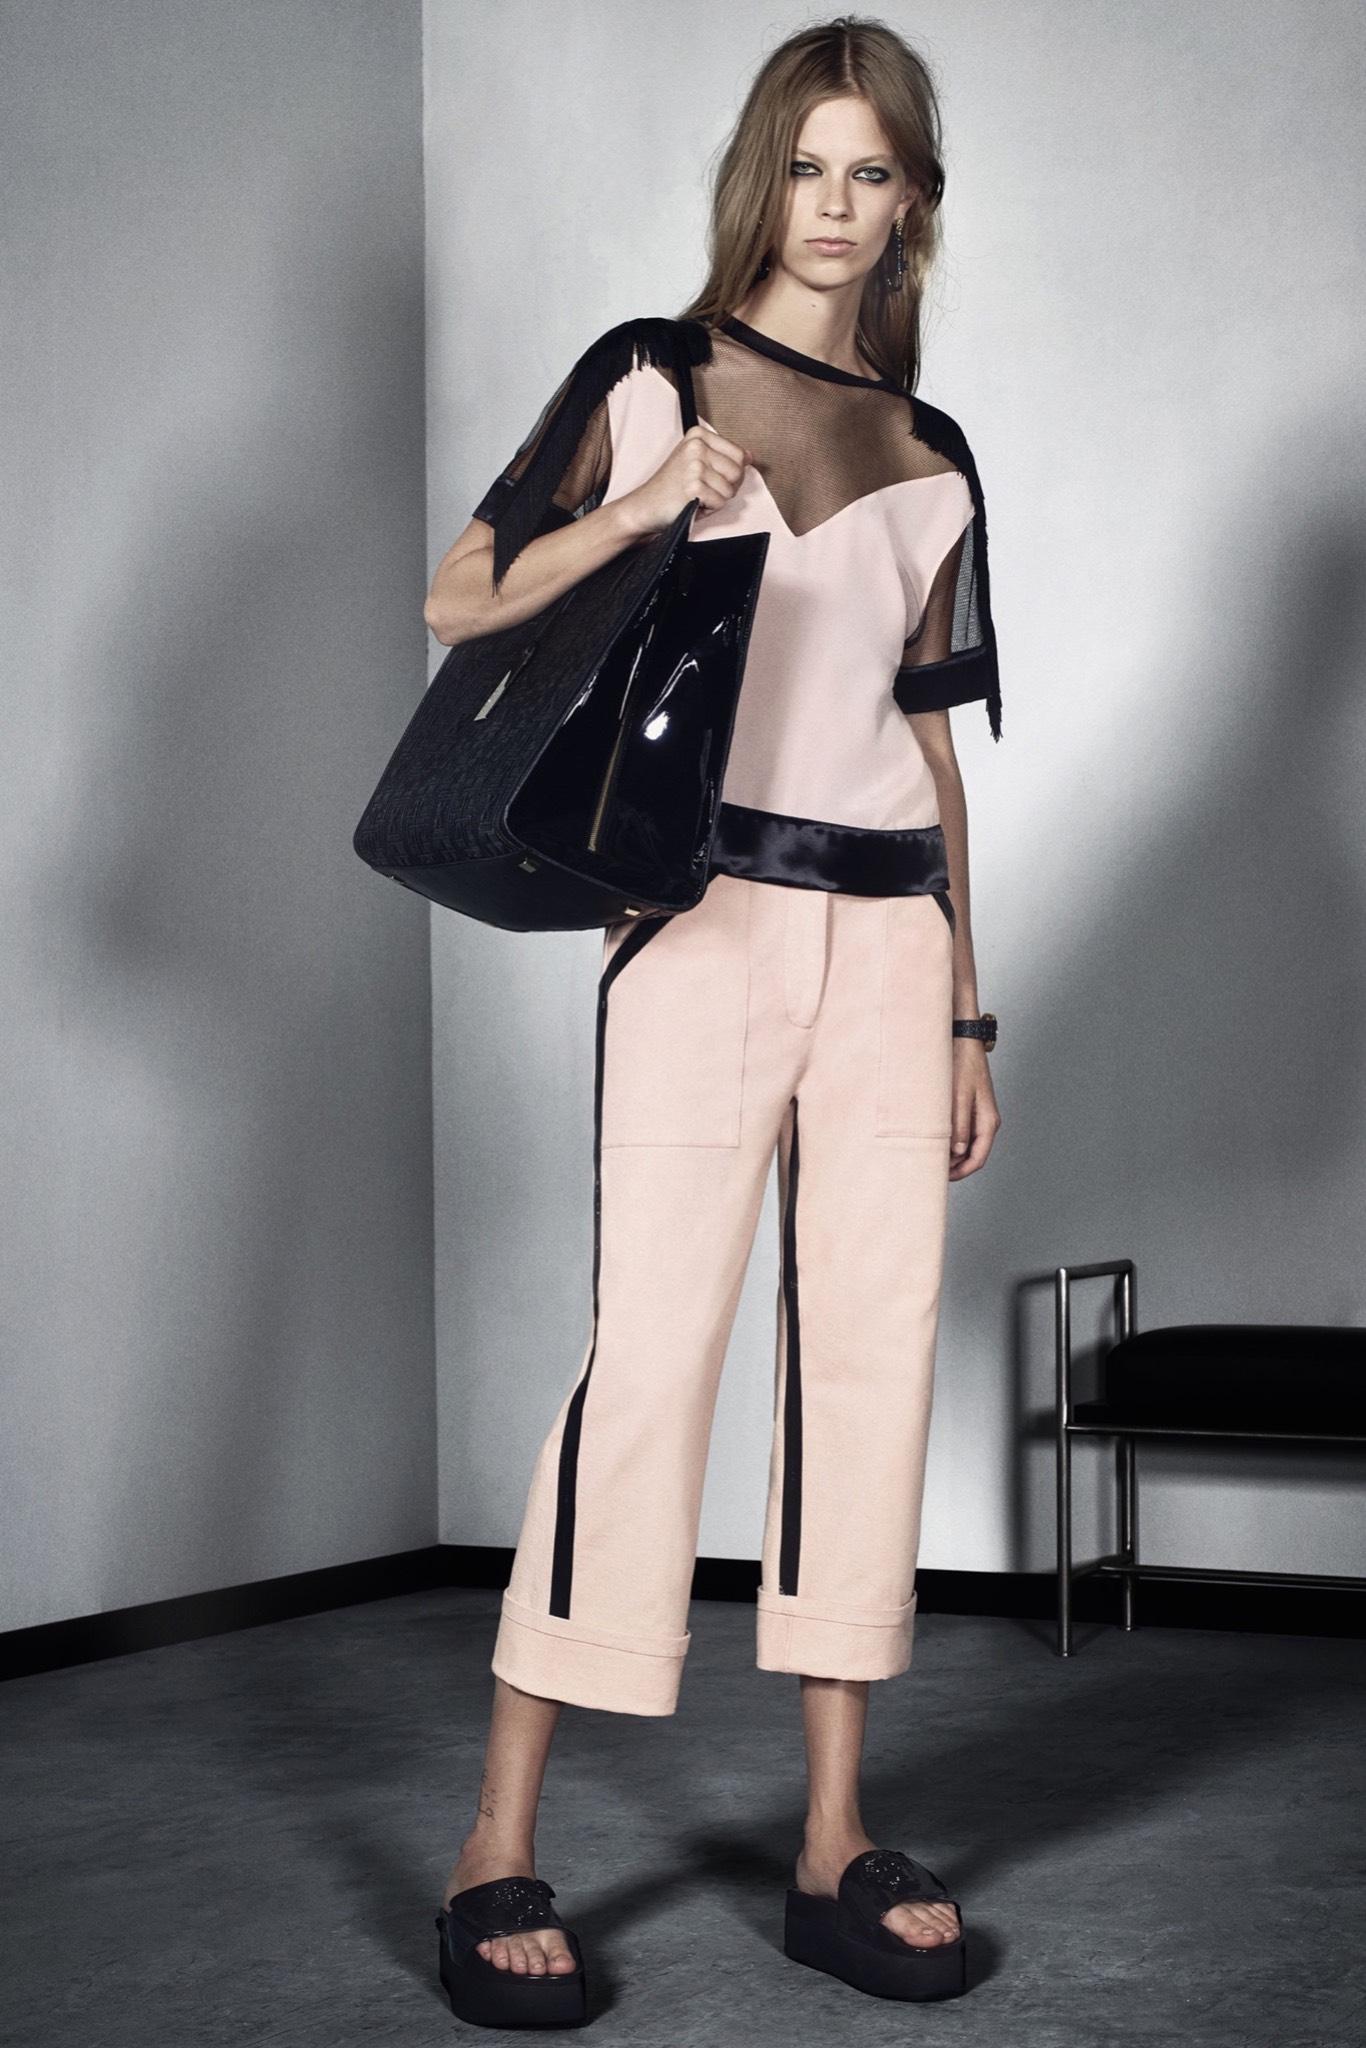 versace-022-1366